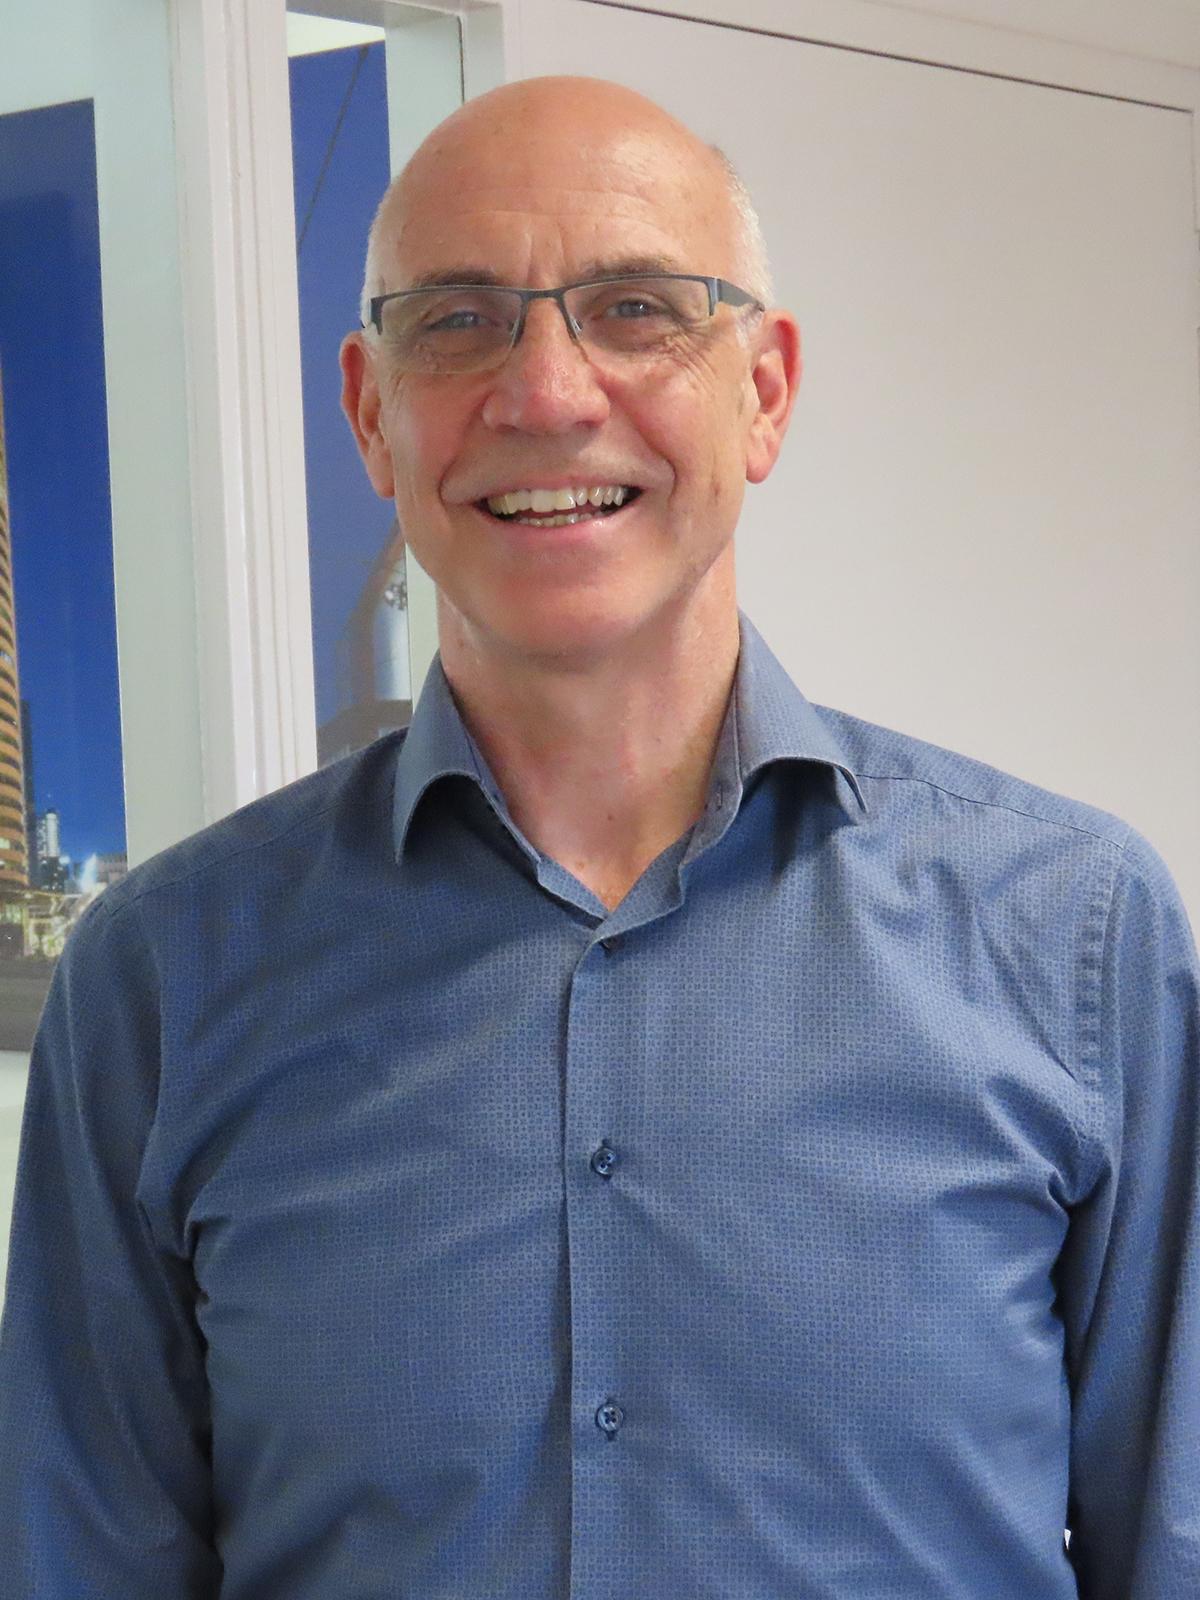 David Passchier